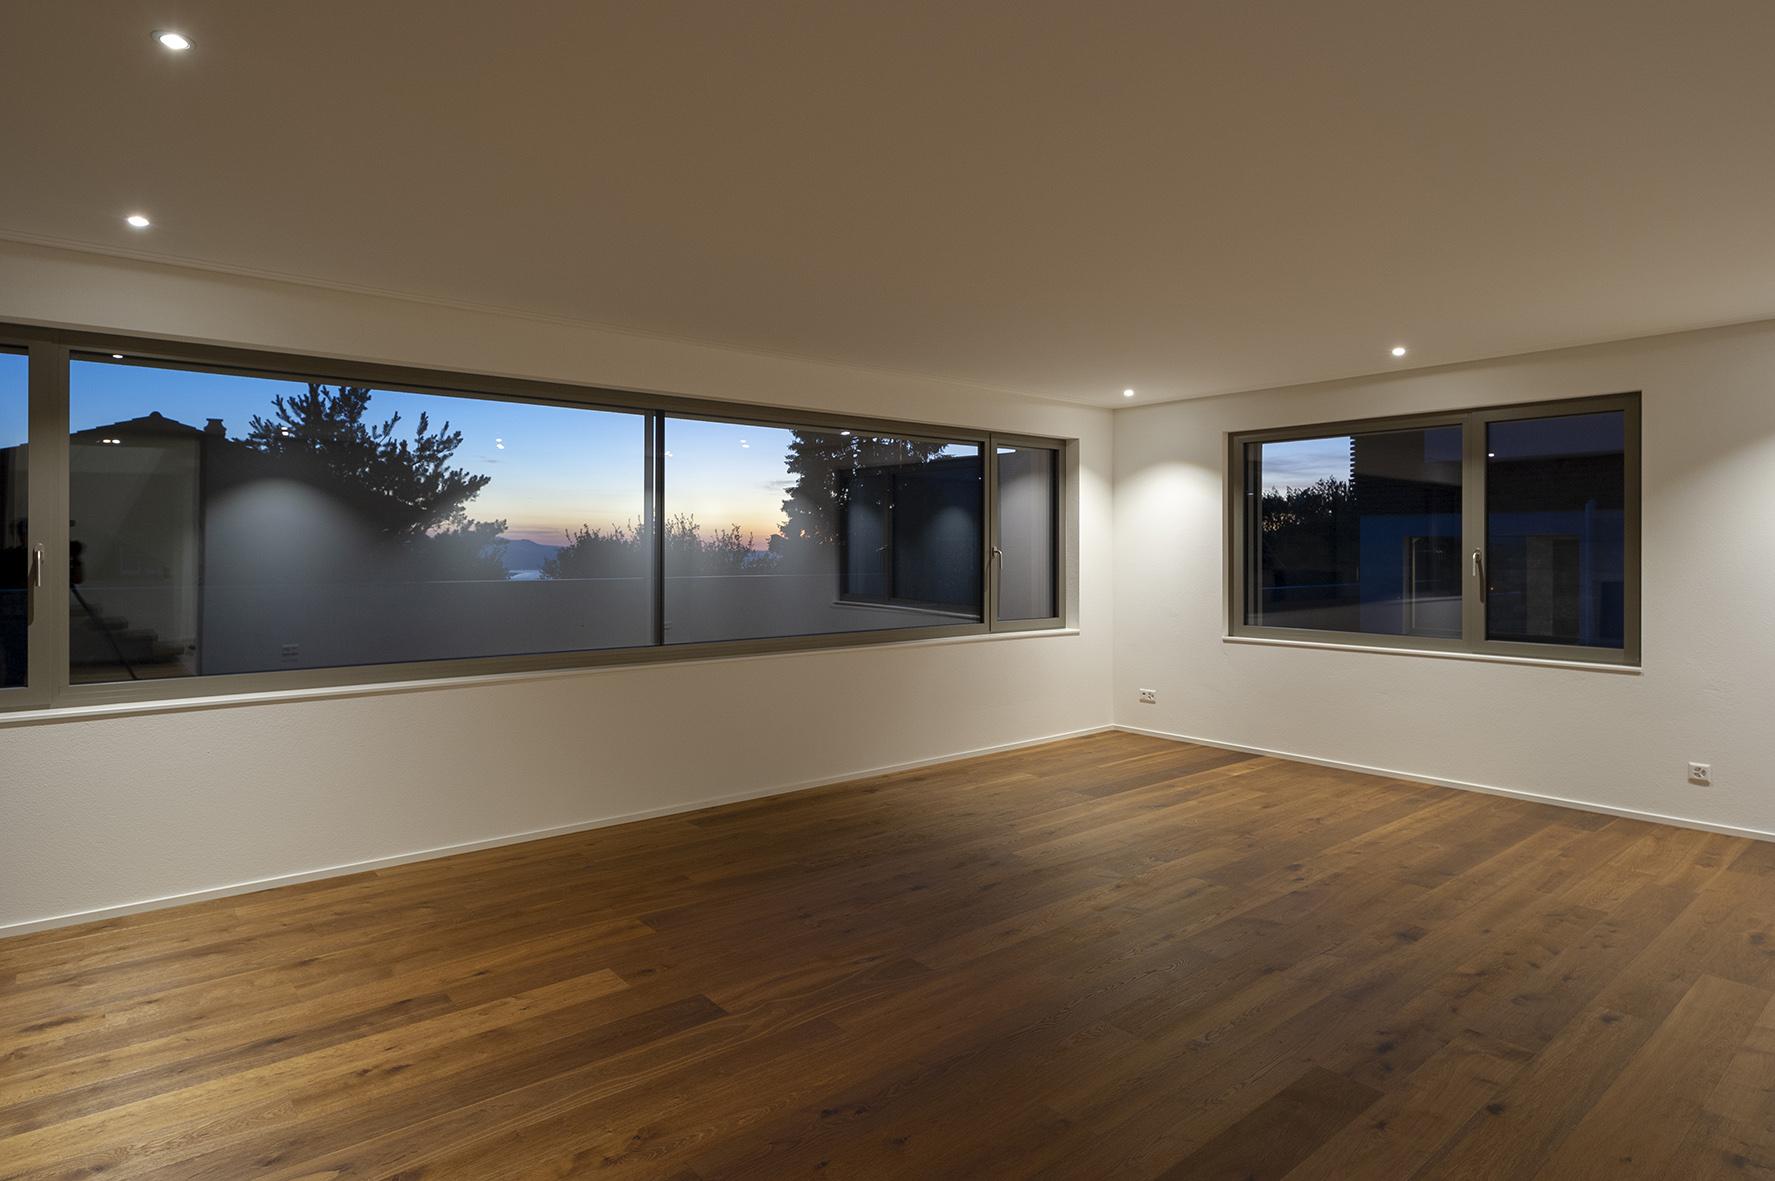 Wohn-und Geschäftshäuser-Ottenhofenstrasse 33-35-37-MO-Architektur-Uznach-Linthgebiet-Ostschweiz-Fenster mit Glasstoss